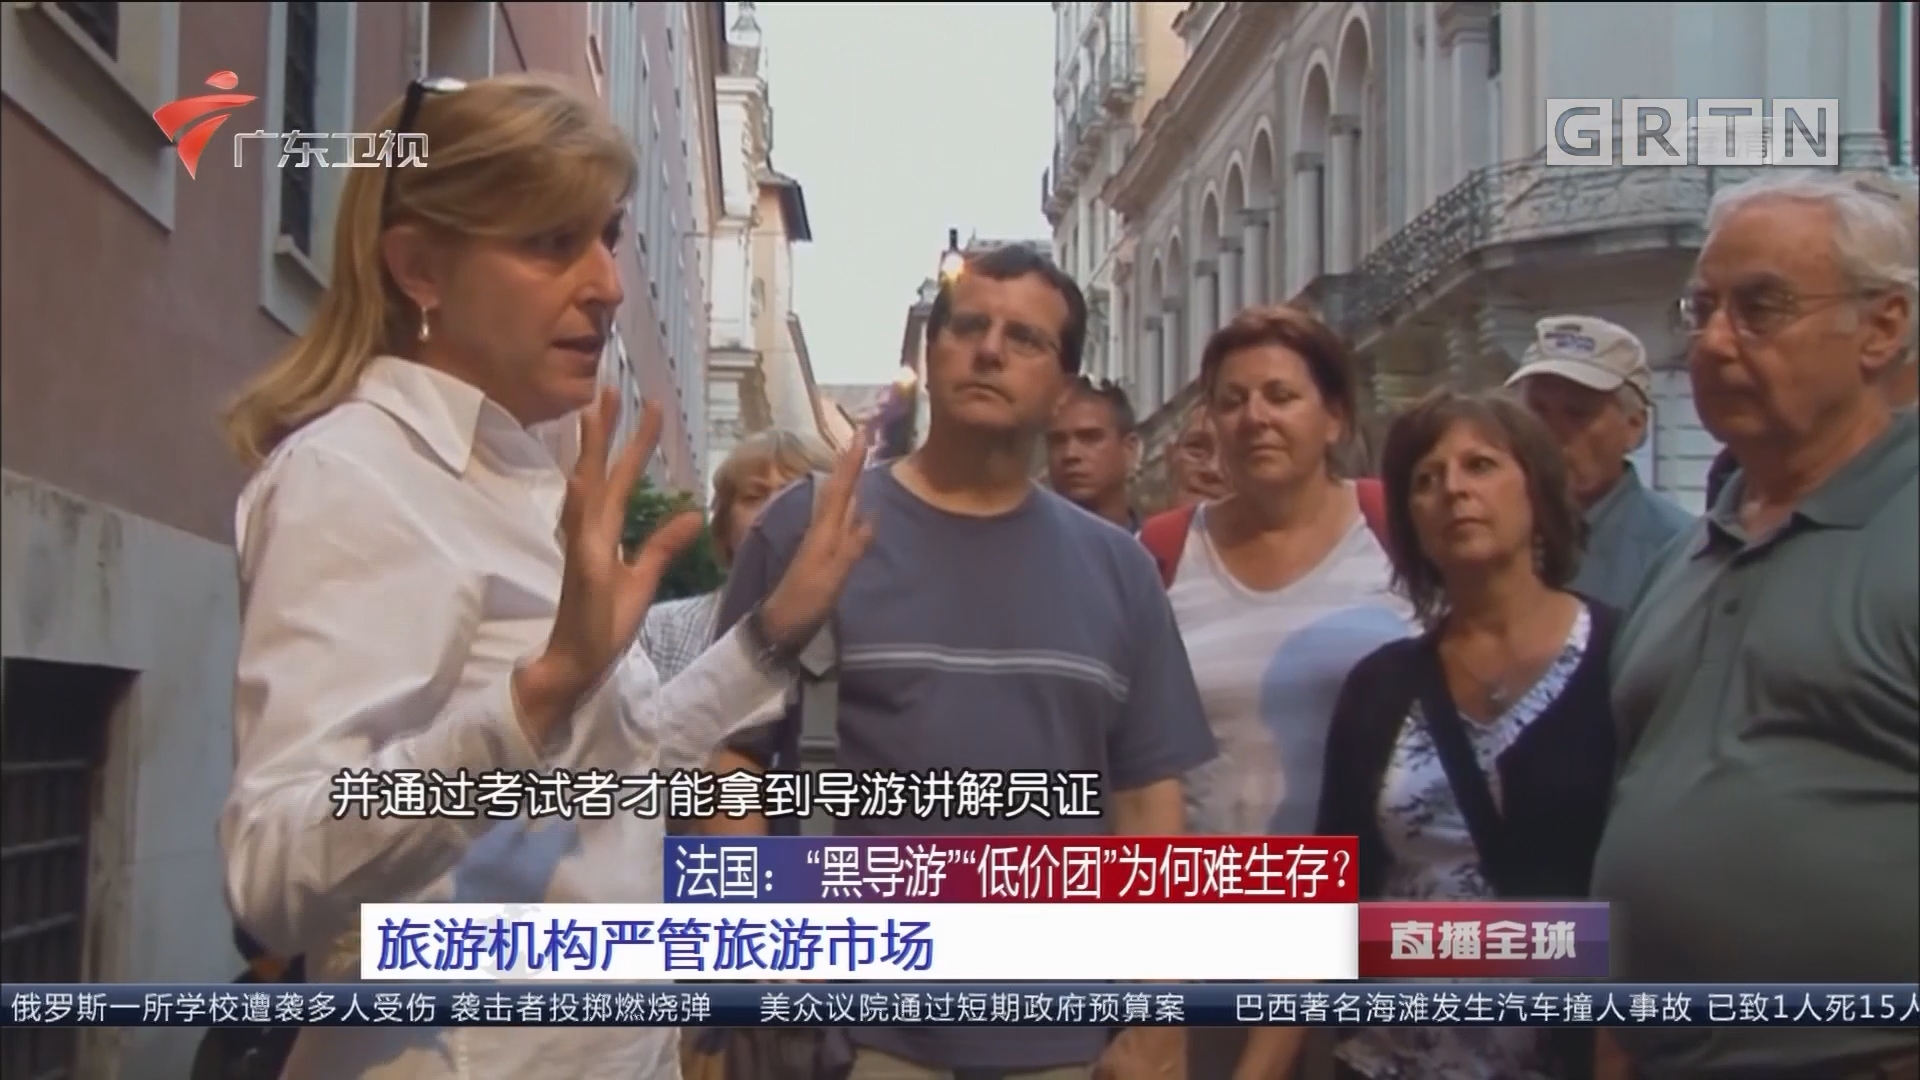 """法国:""""黑导游""""""""低价团""""为何难生存? 旅游机构严管旅游市场"""